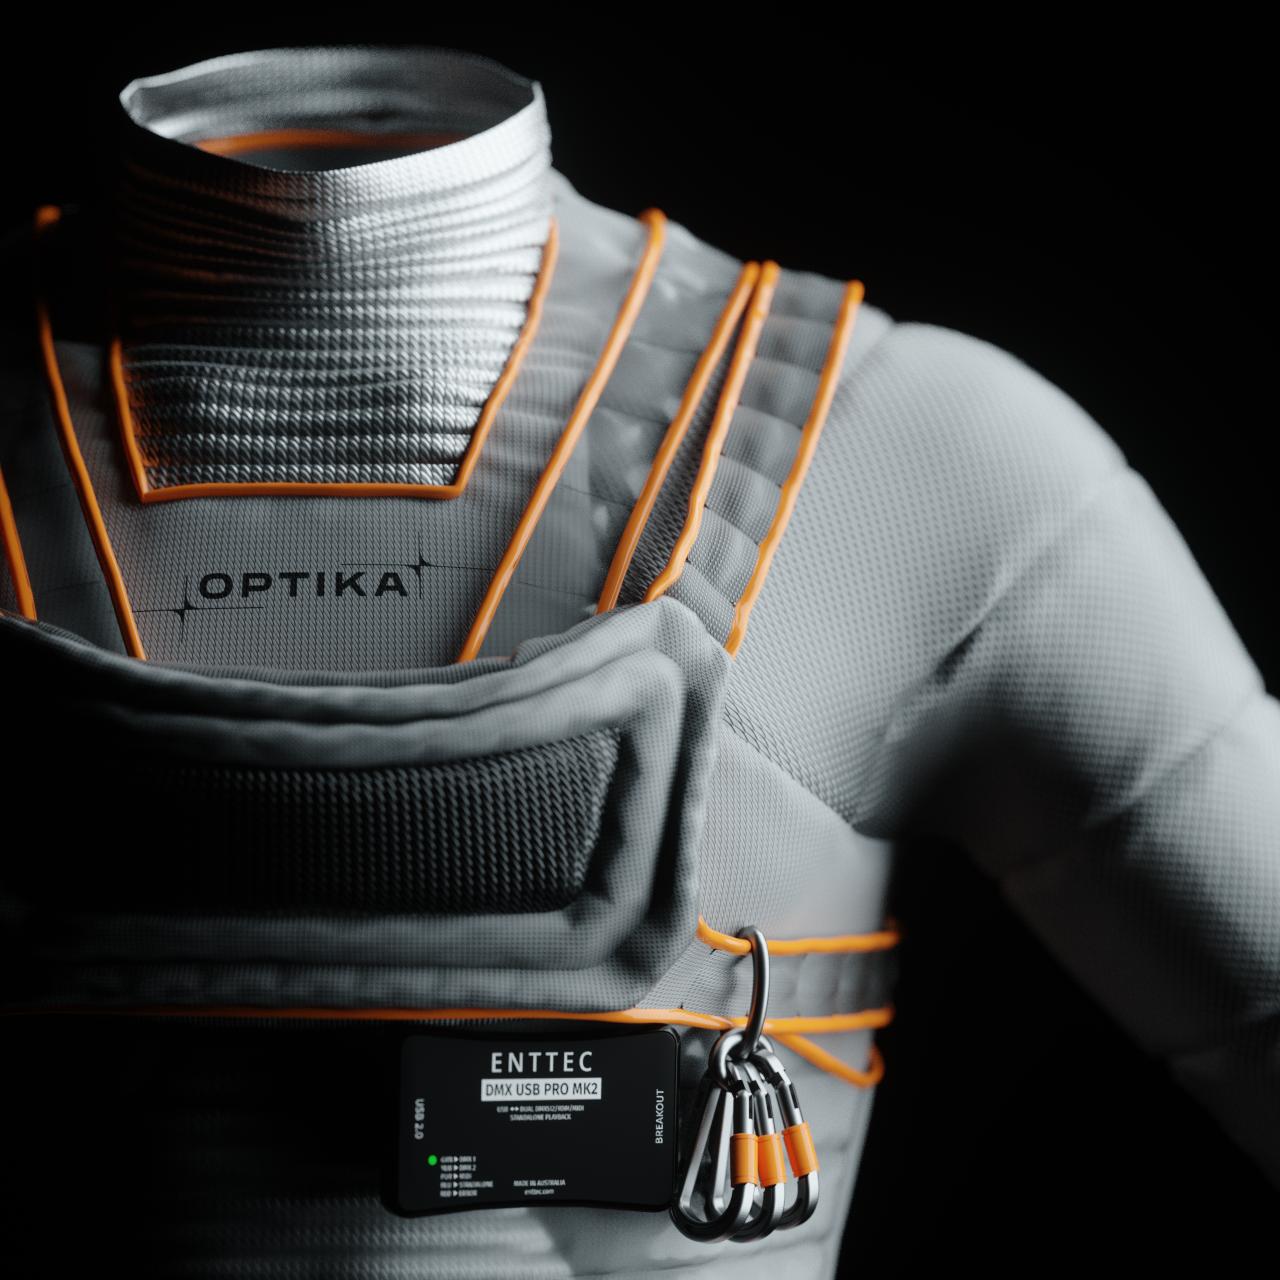 Optika_Suit_Close-1